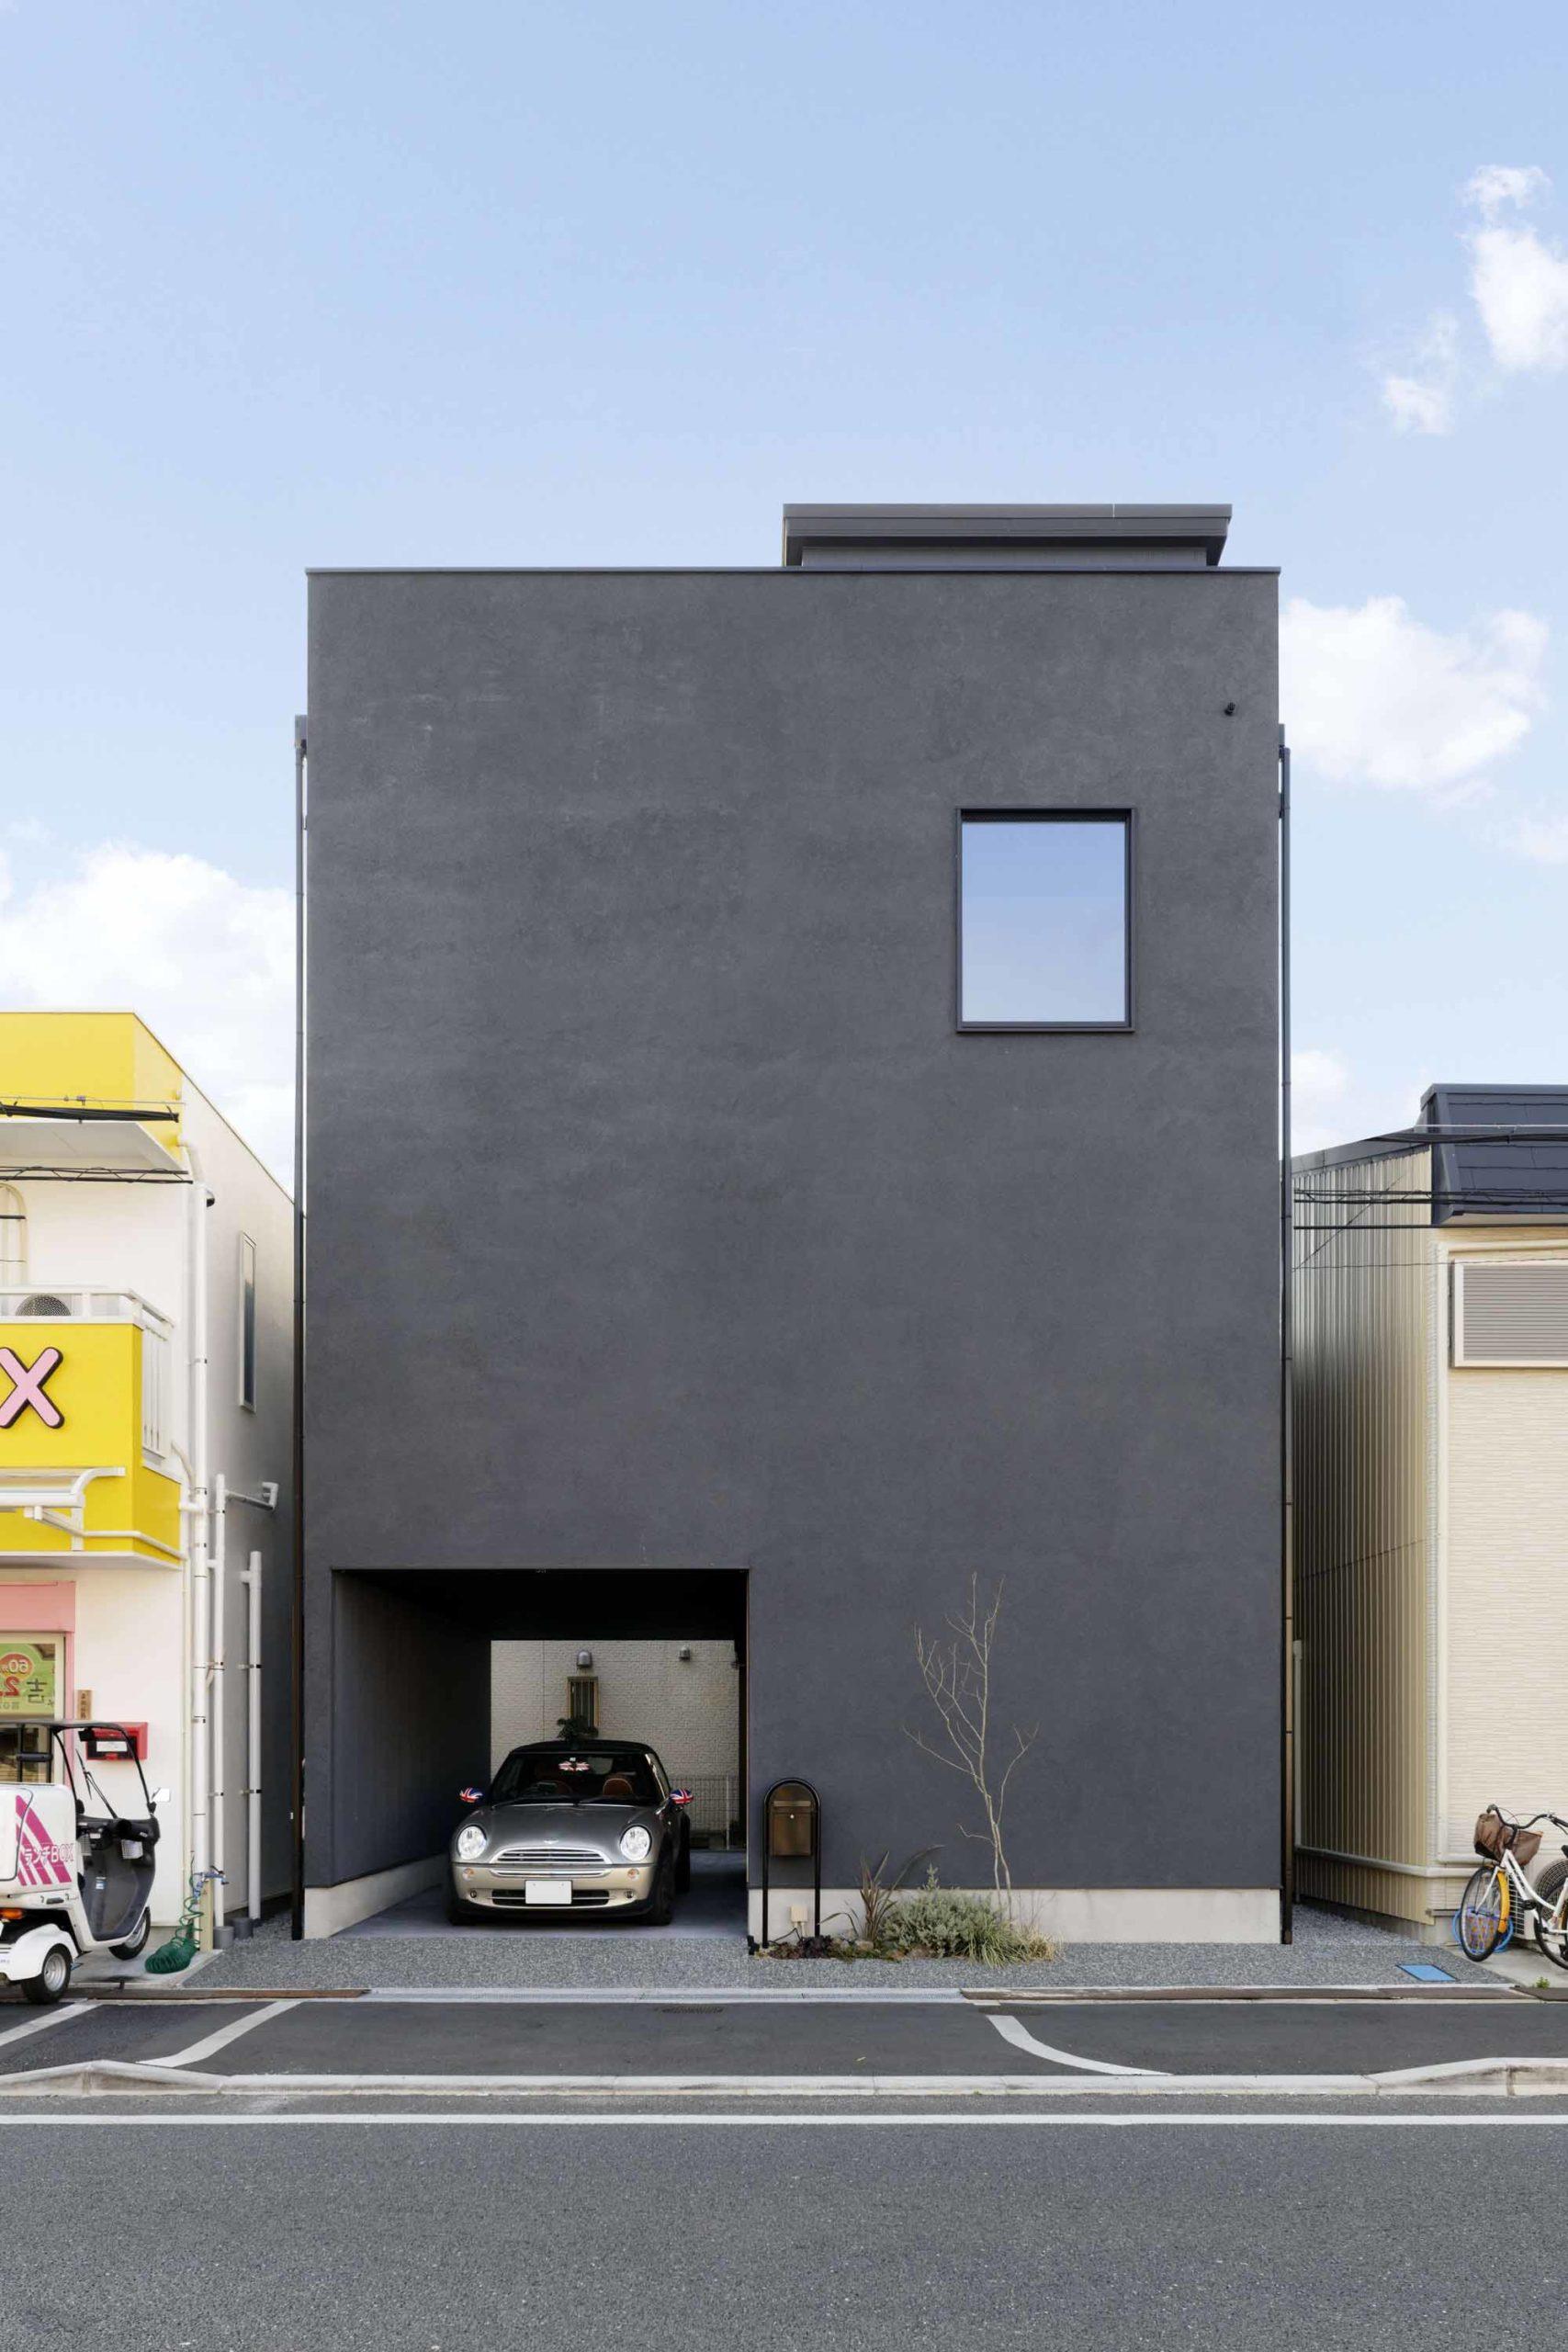 真四角の形をしたメンズライクな黒いシンプルな外観